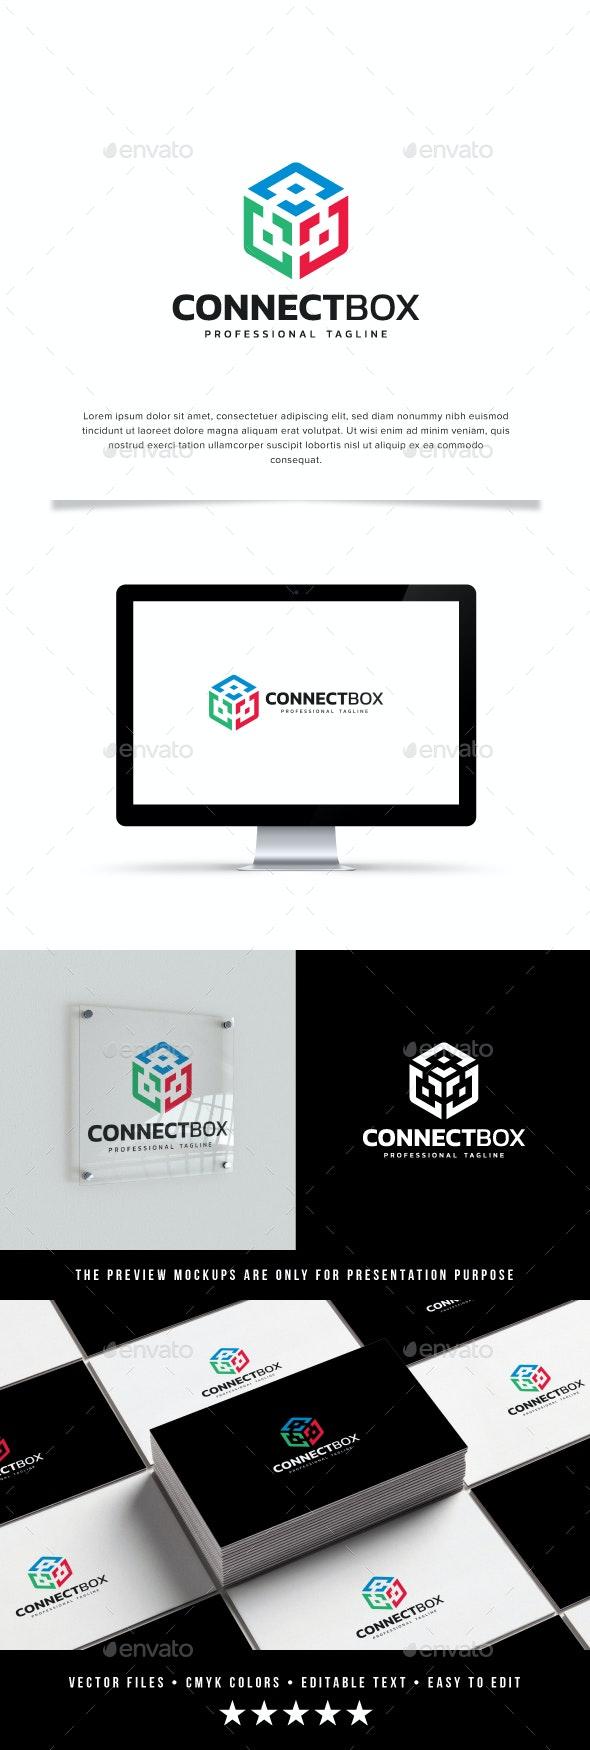 Connect Box Logo - Abstract Logo Templates